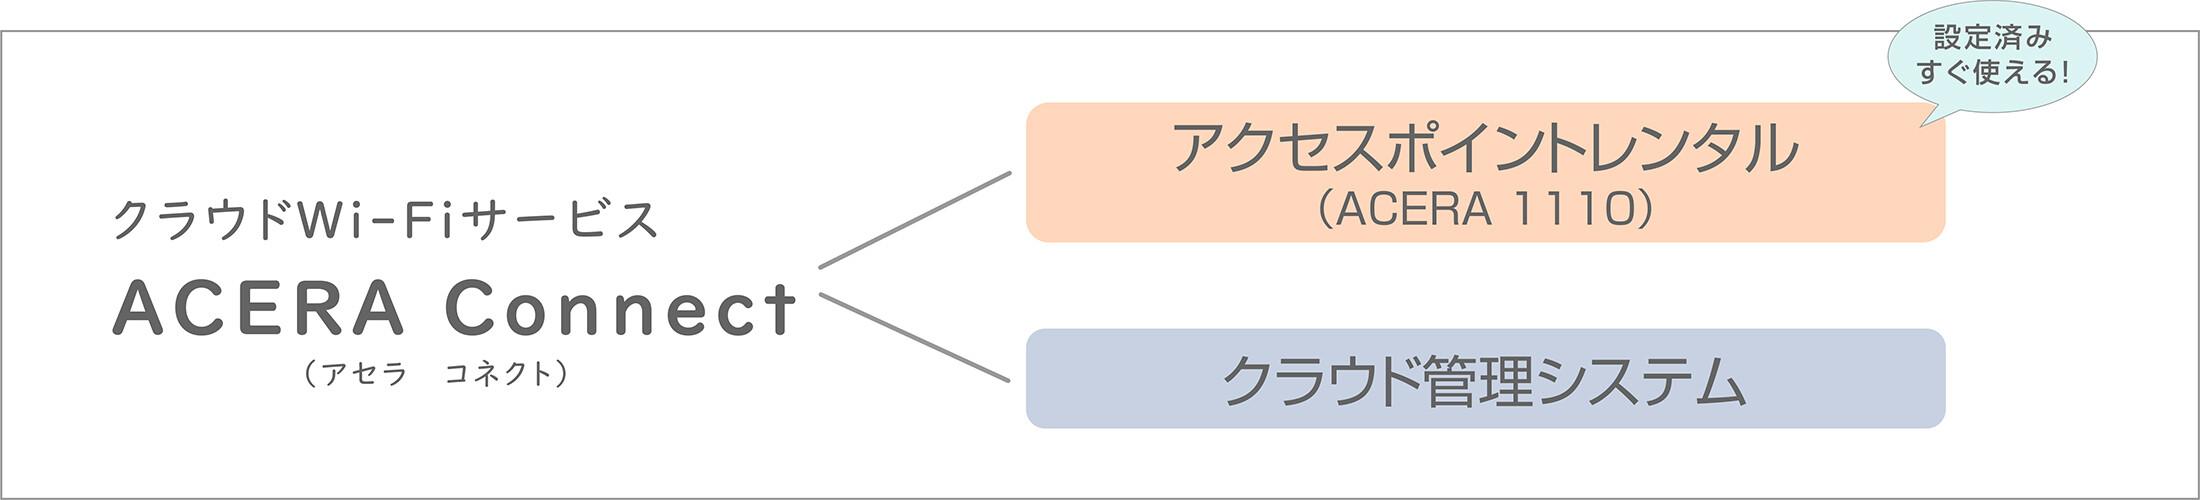 クラウドWi-Fiサービス/ACERA Connect